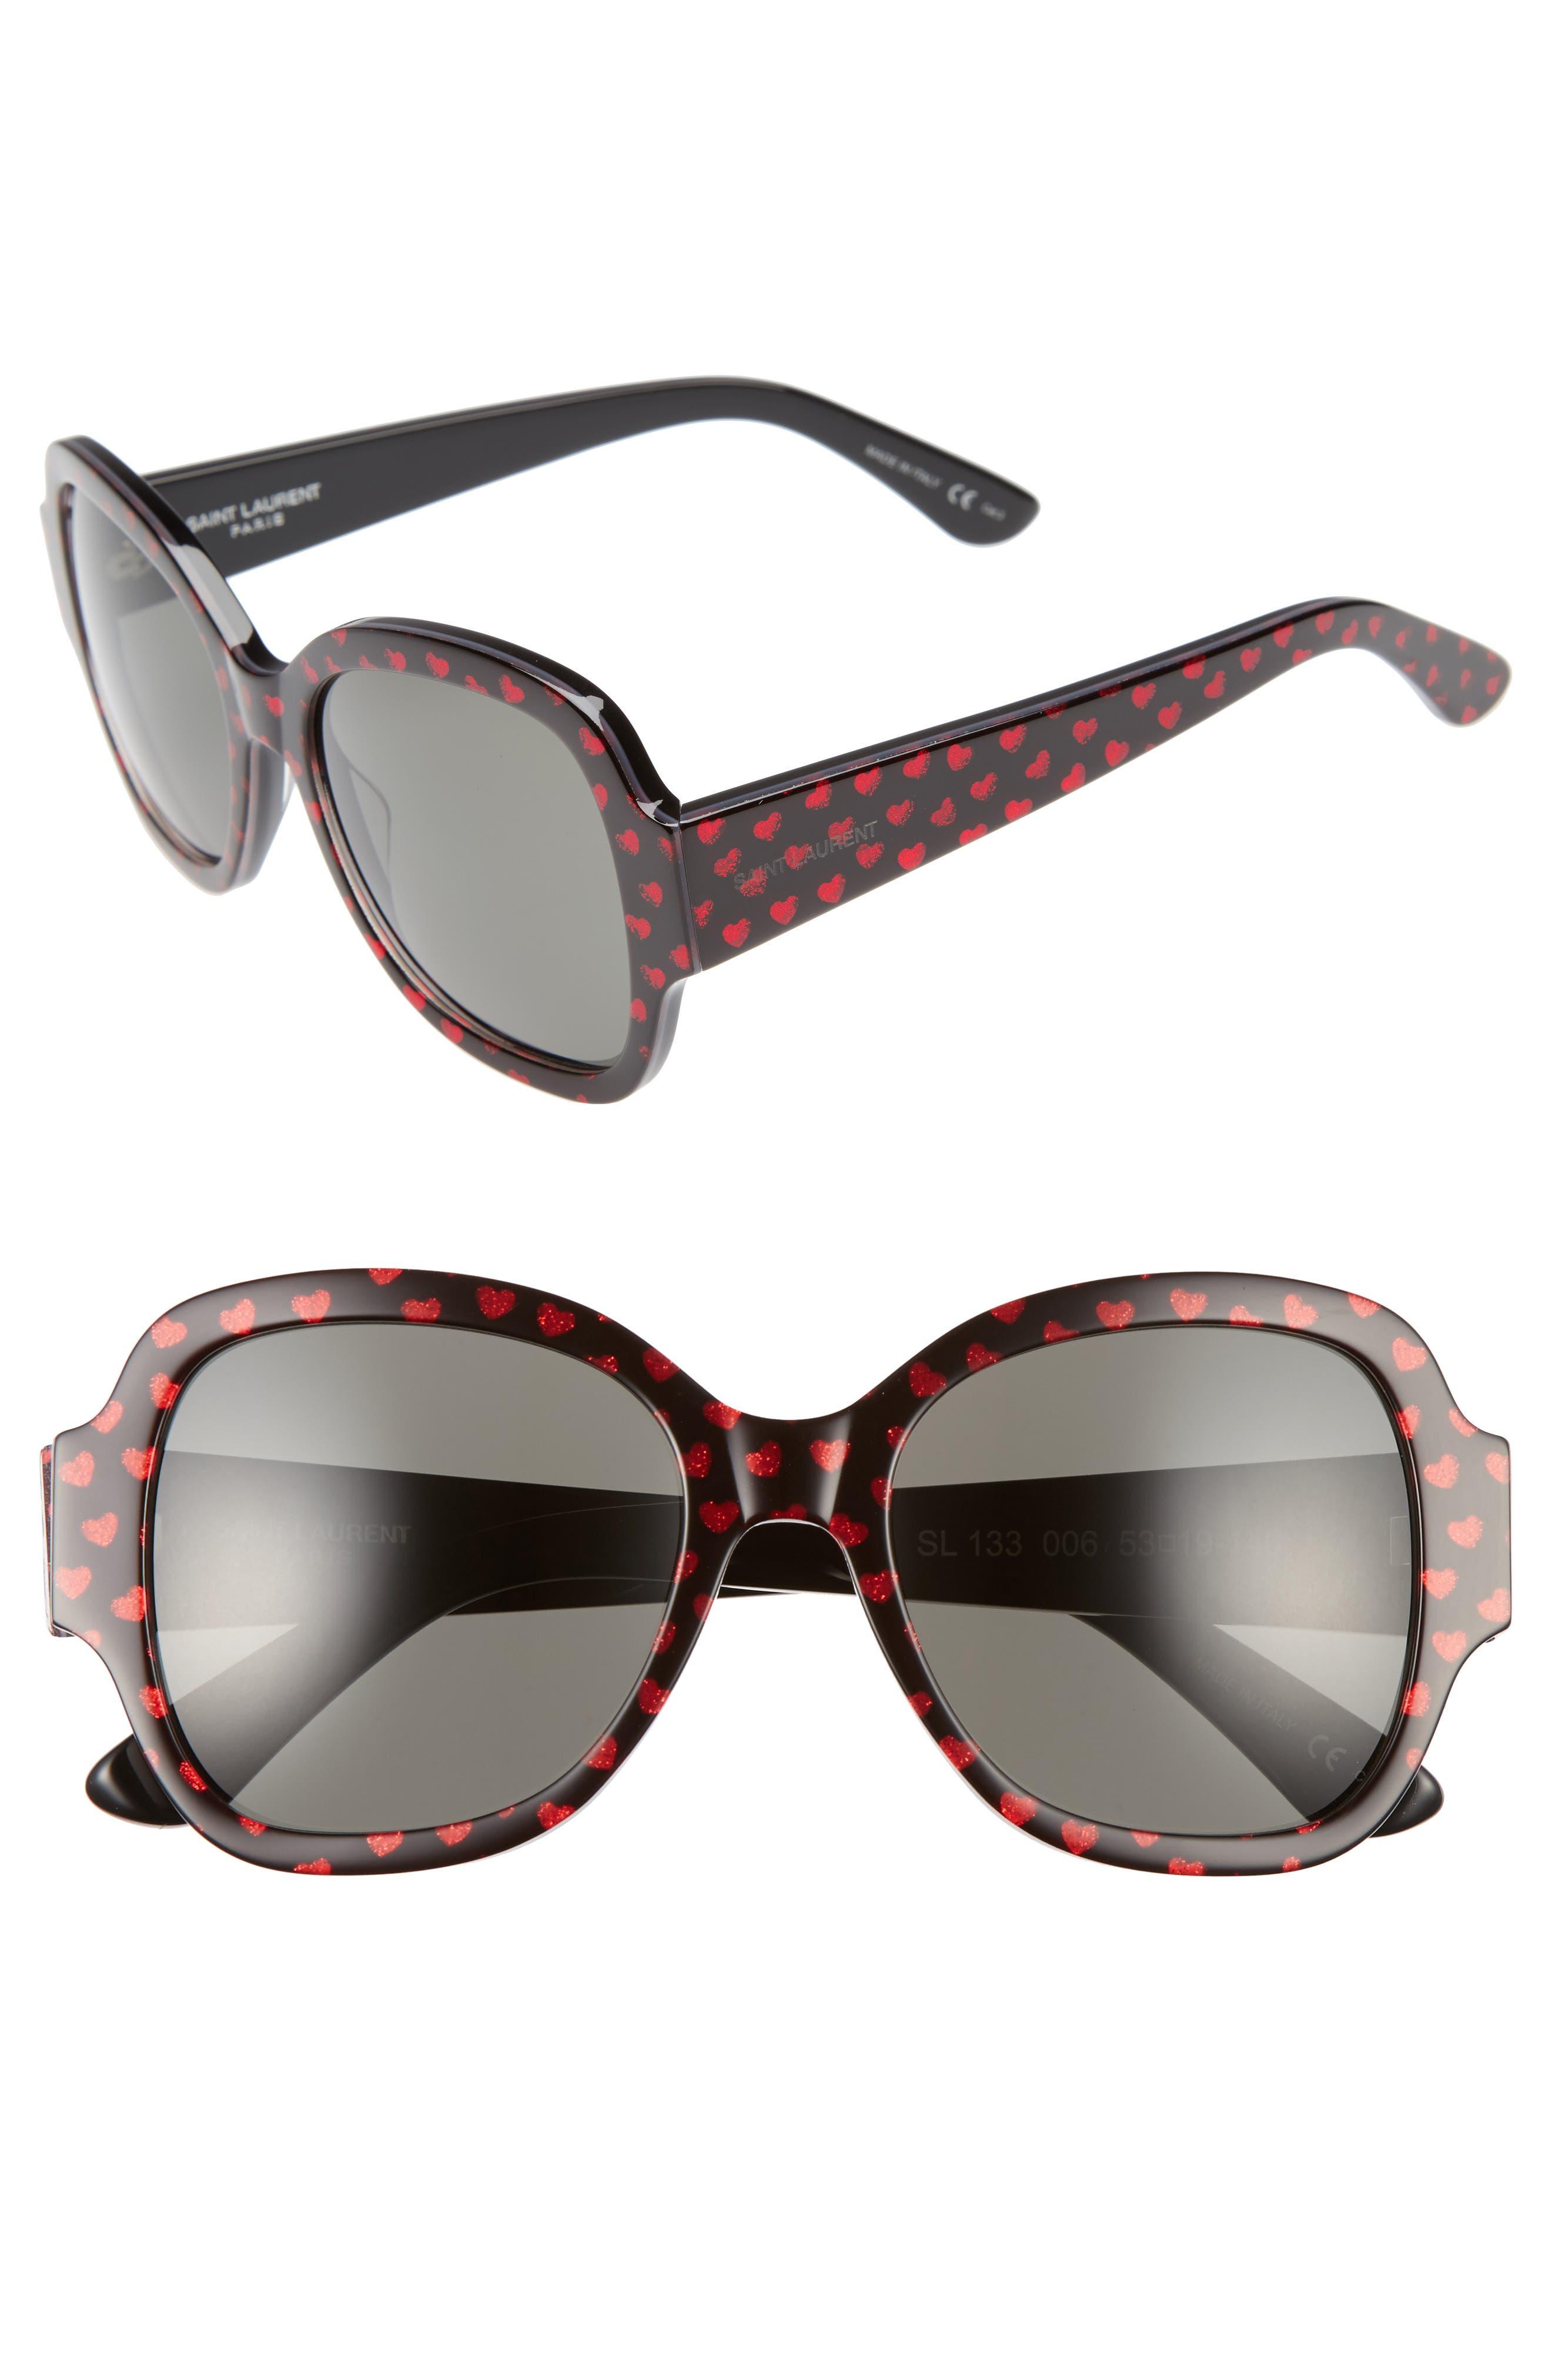 Saint Laurent 53mm Sunglasses